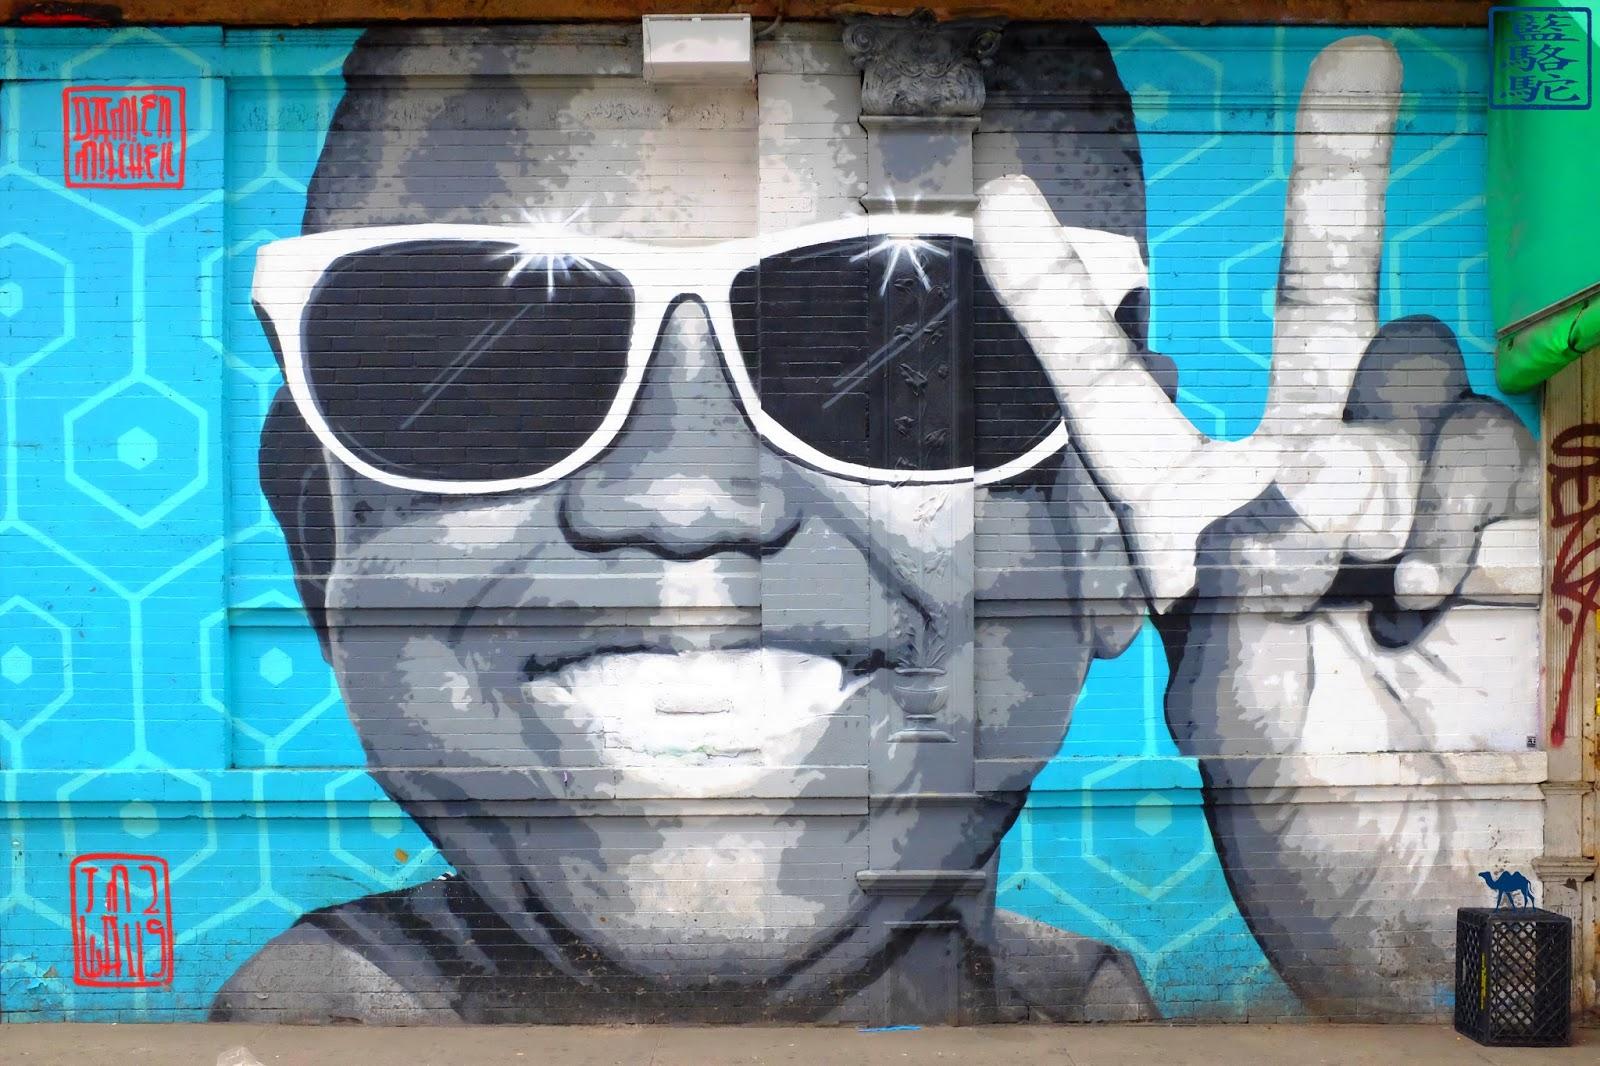 Le Chameau Bleu - Enfant Black à Lunettes - BUshwick - Street Art